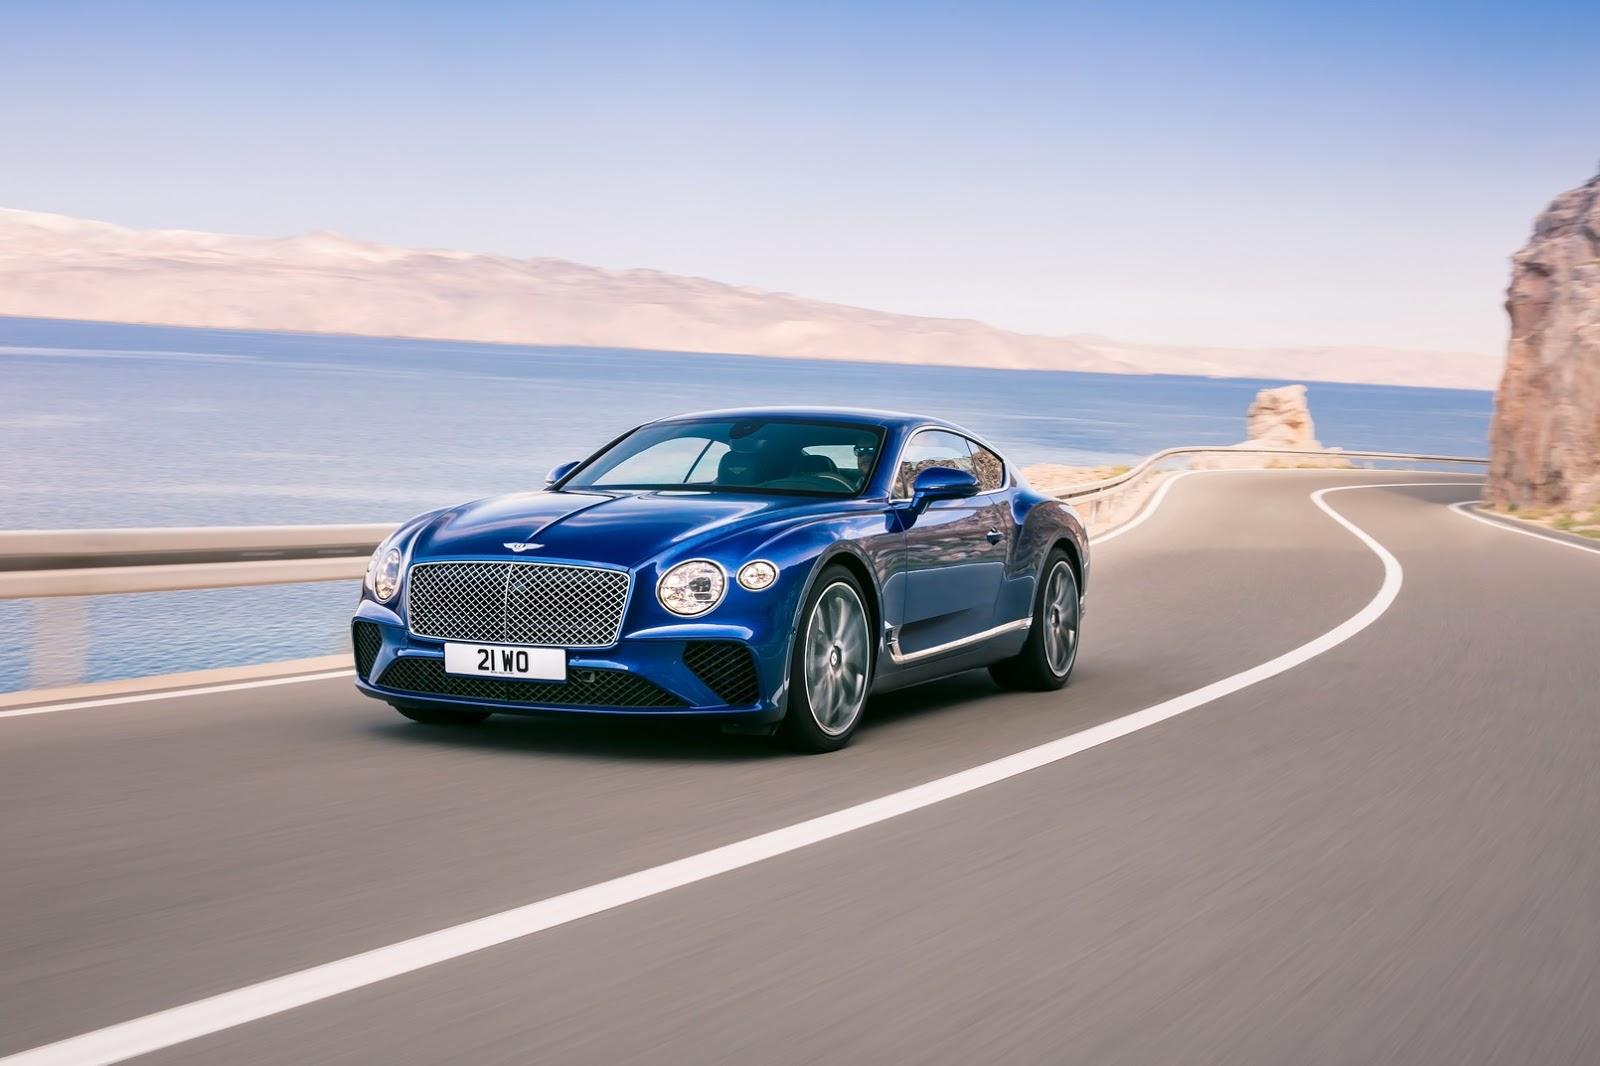 2018-Bentley-Continental-GT-12